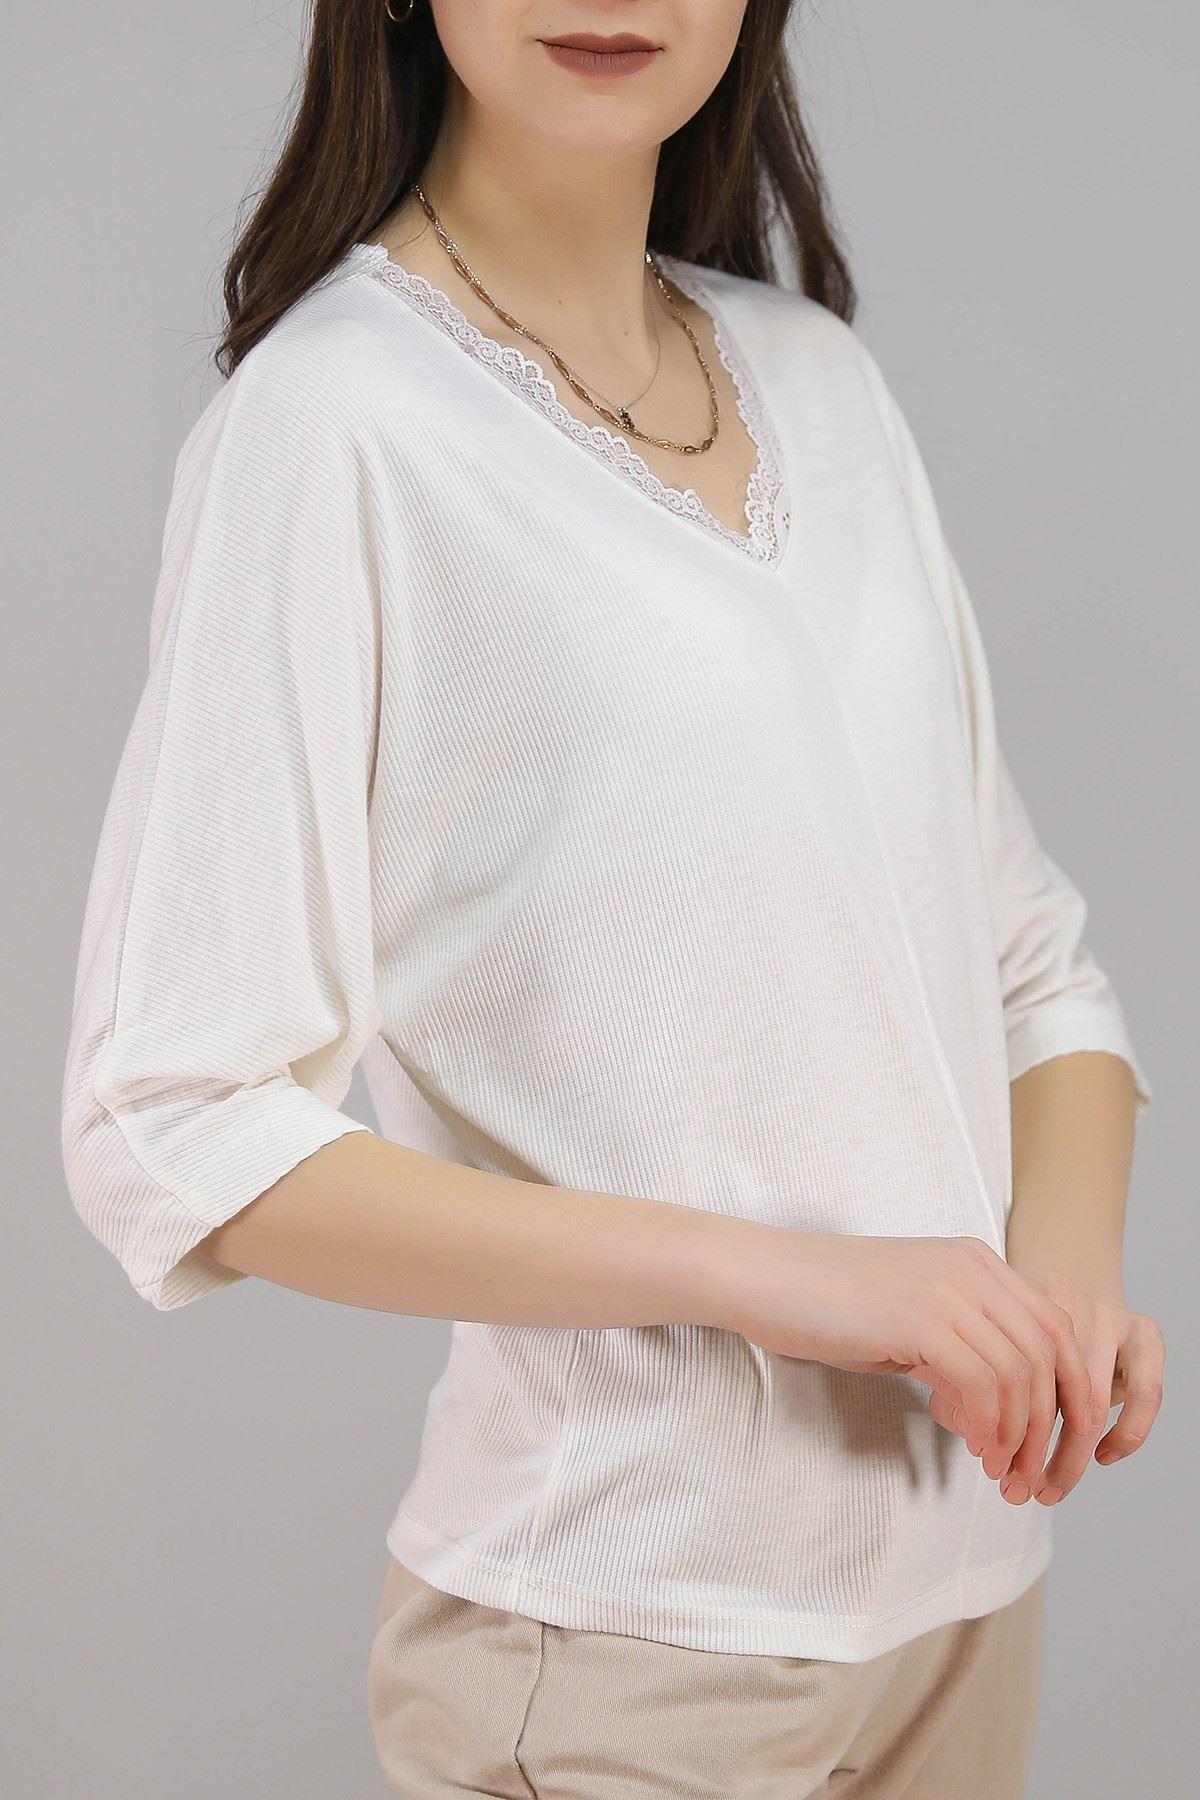 Yaka Dantelli Bluz Beyaz - 3331.222.